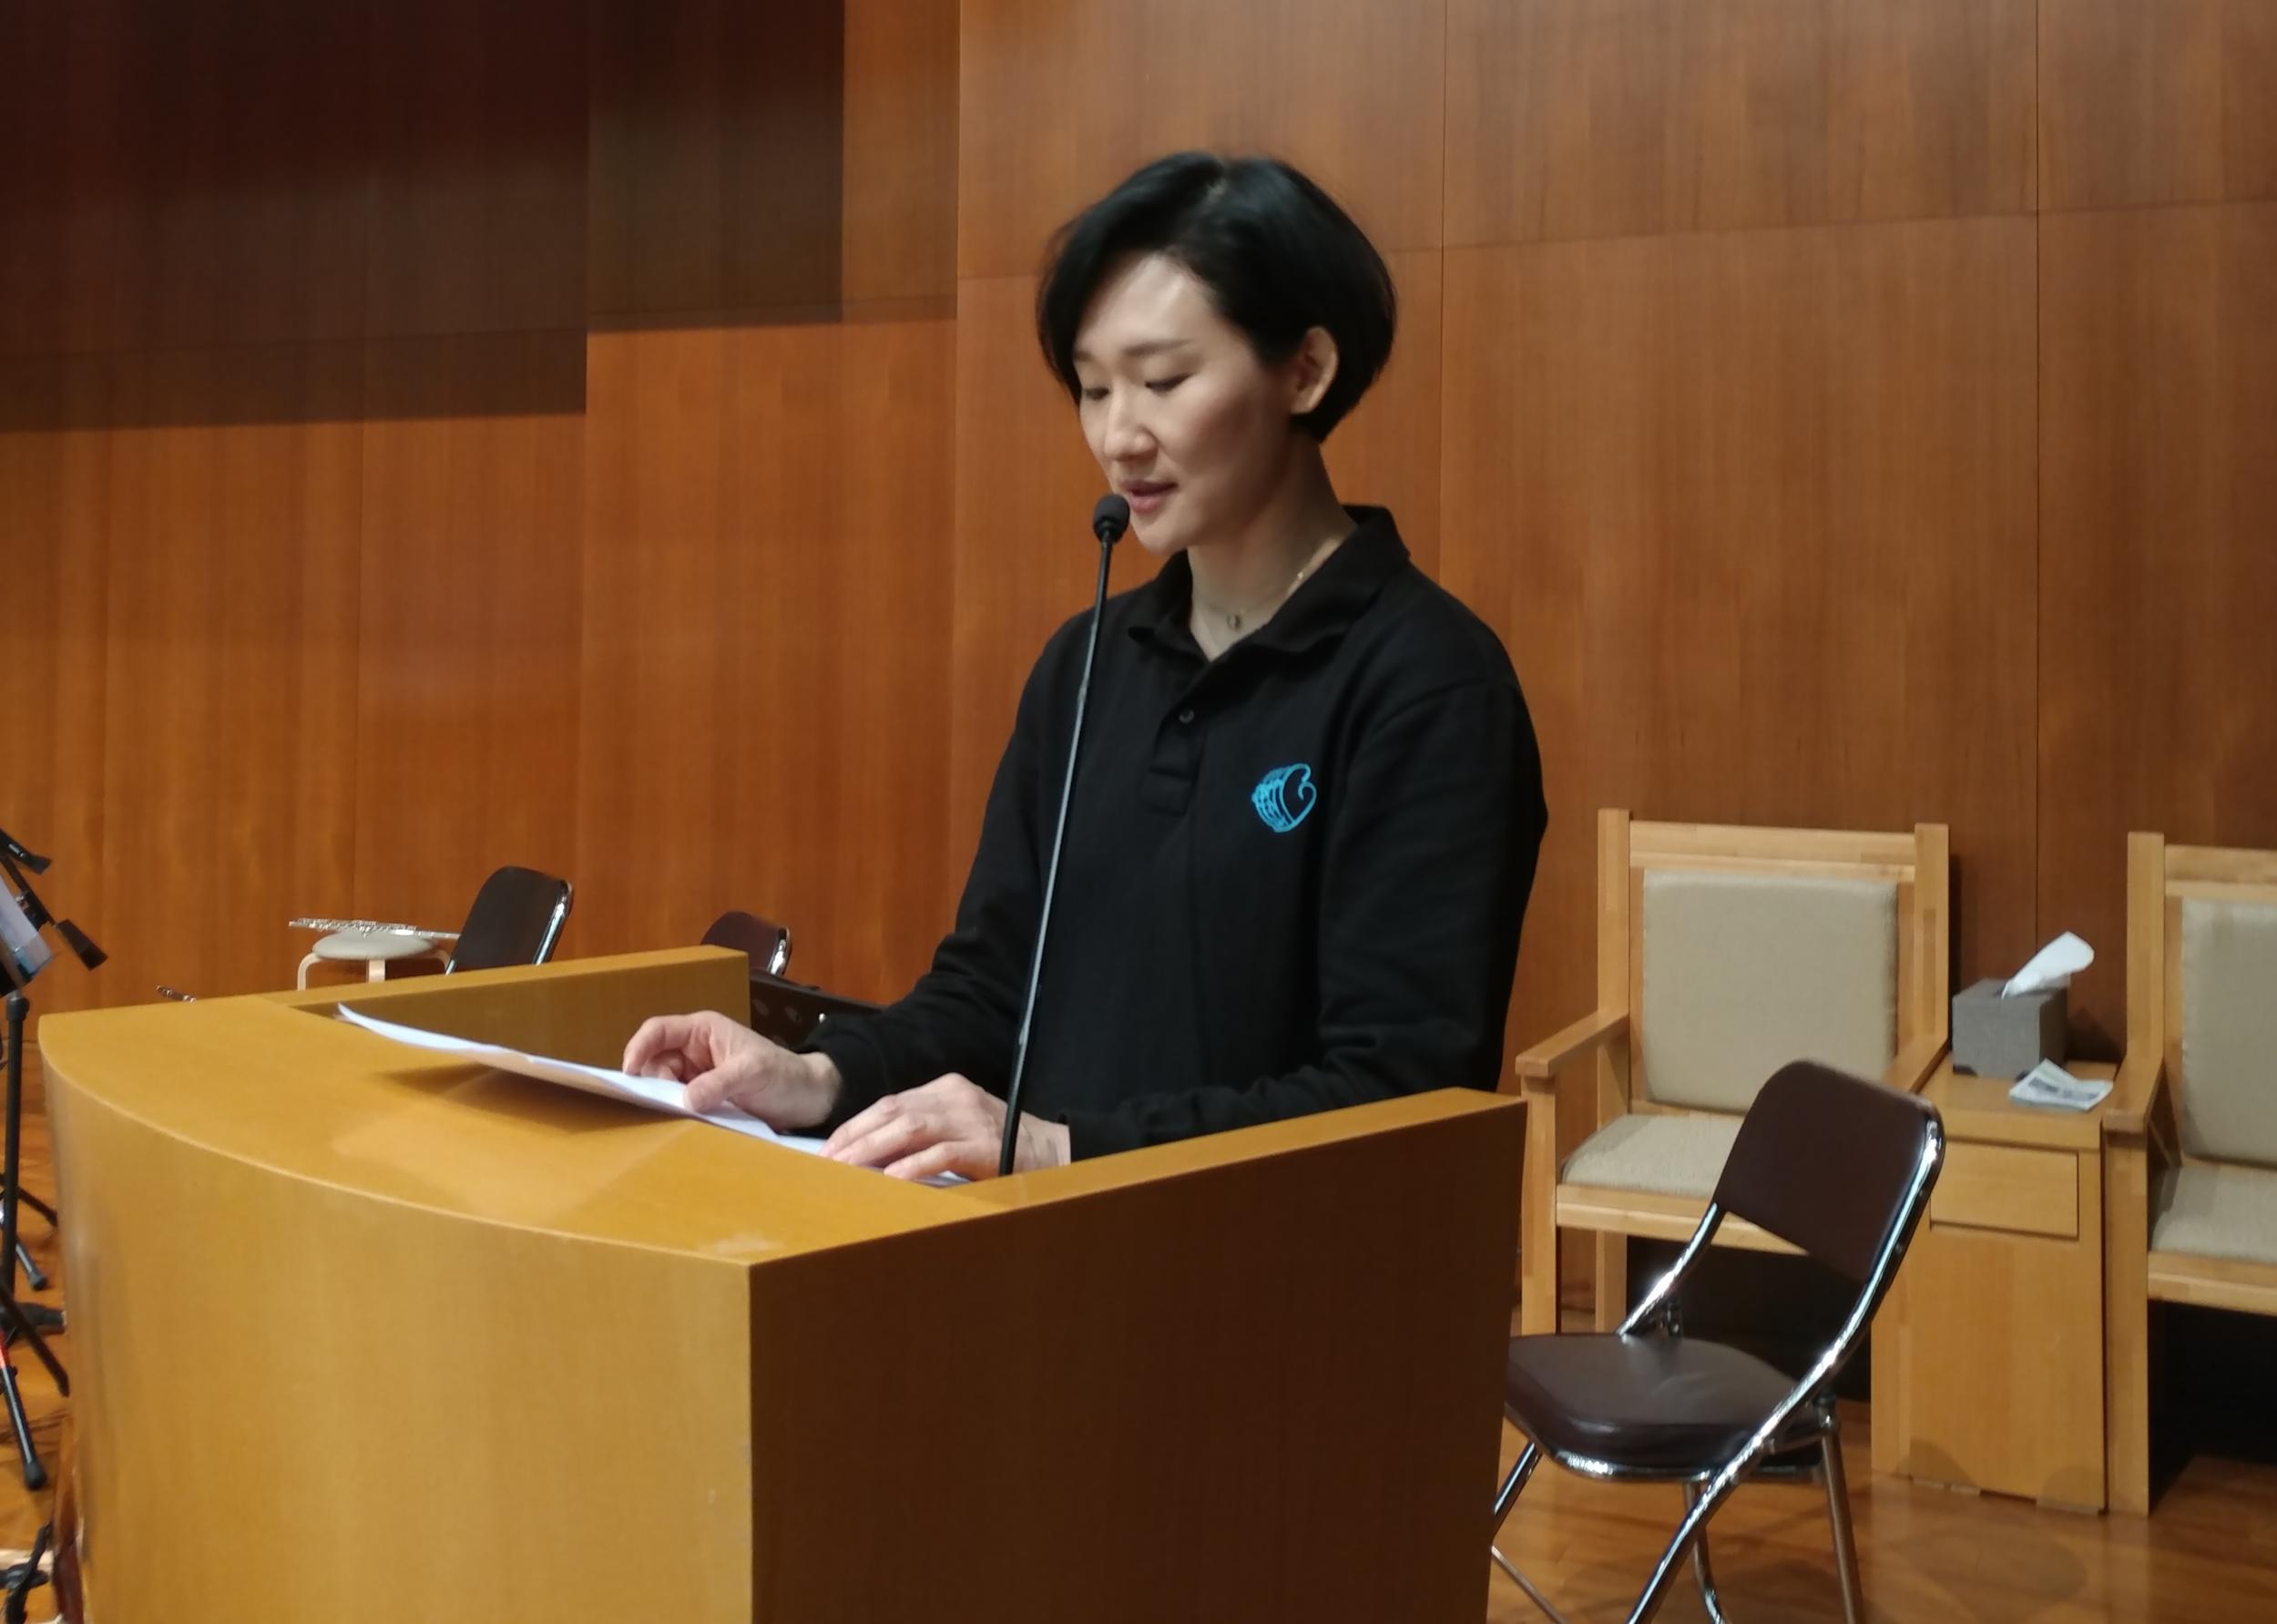 Yeunhee Chang